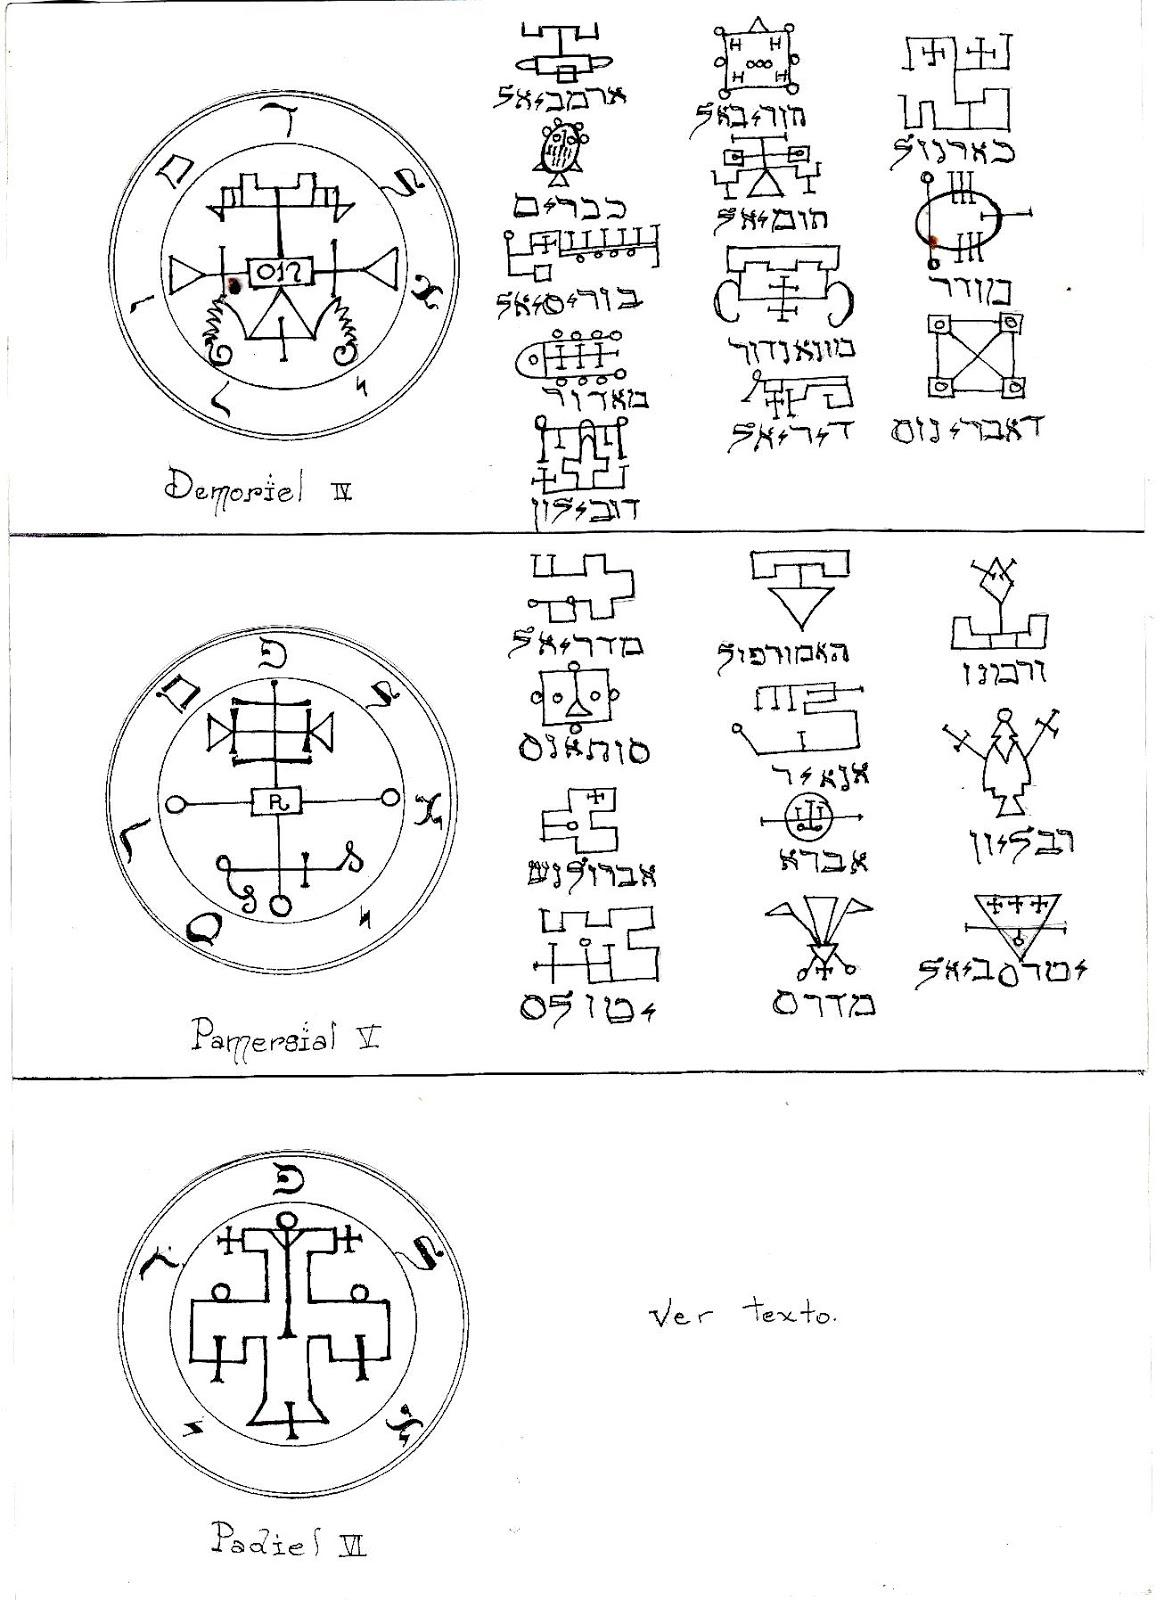 Romano kerr las 8 clav culas de magia for Conjuros de salomon